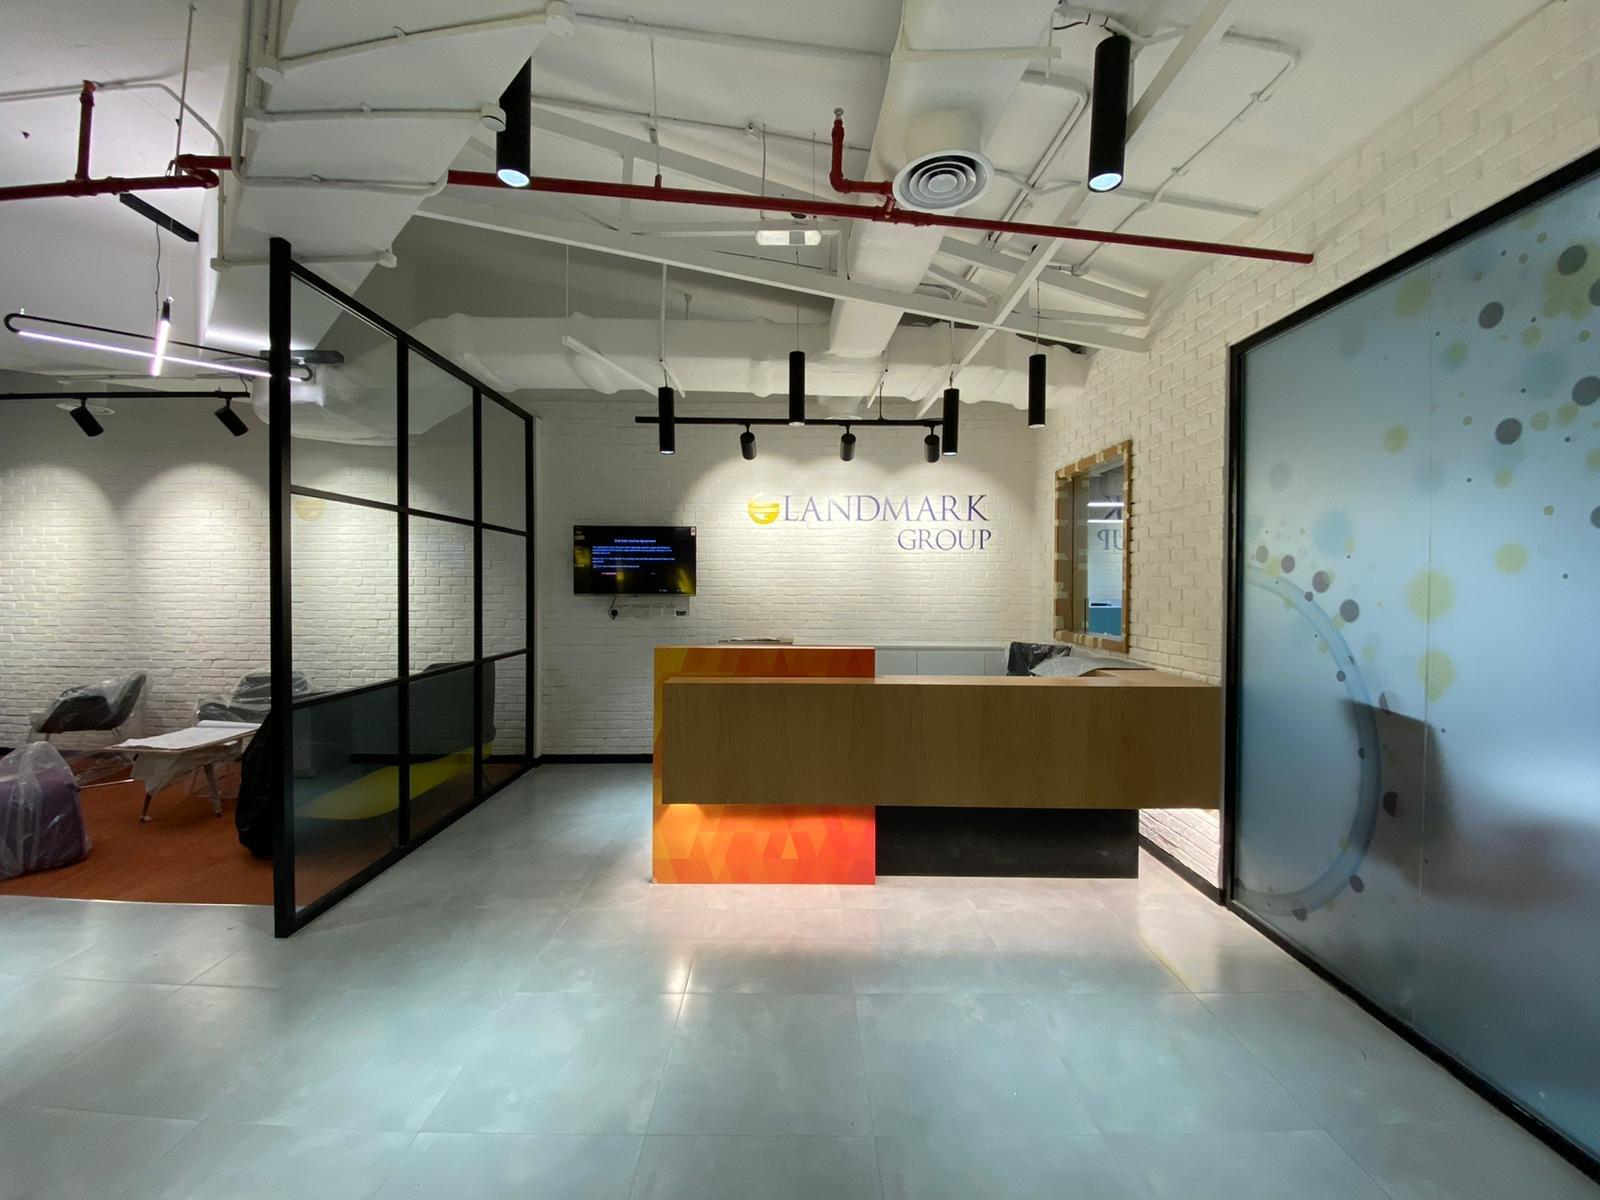 Landmark Group Office, Kuwait